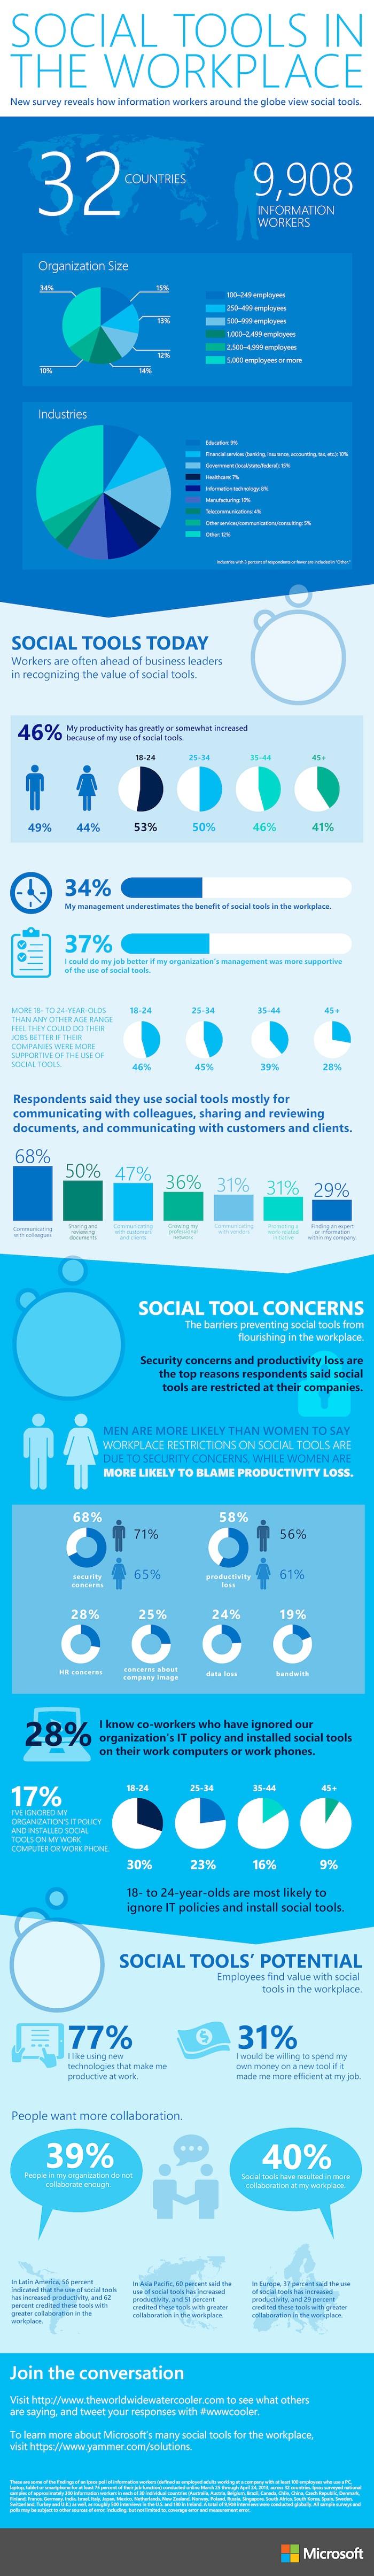 Social Tools, Social Media, Arbeitsplatz der Zukunft, Infografik